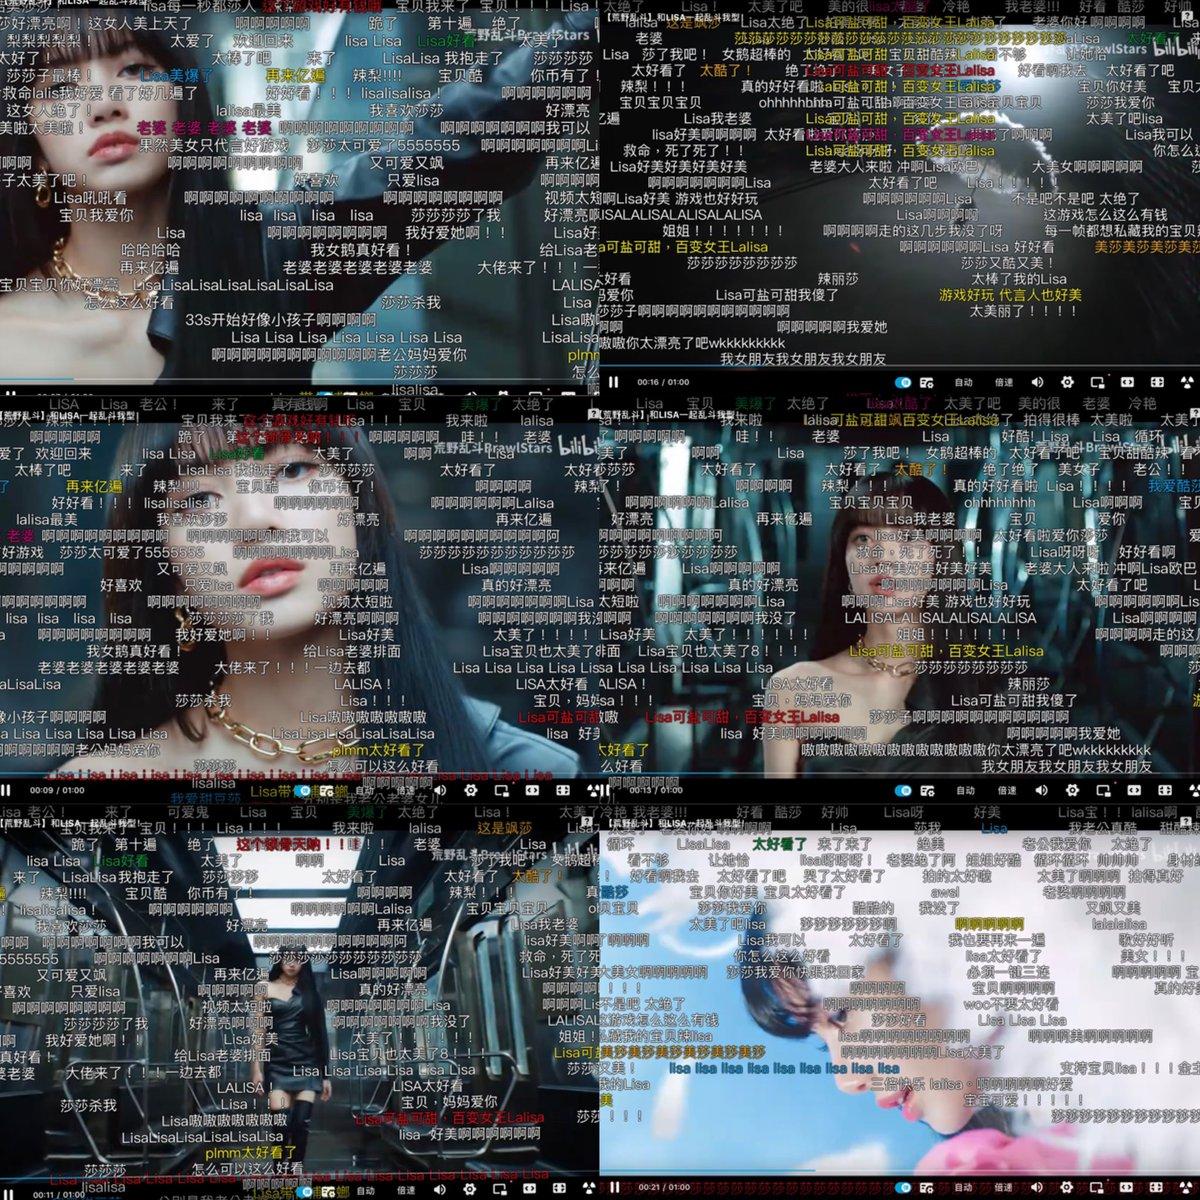 ใน bilibili ความหวีดของพ่อจีนแม่จีน แทบมองไม่เห็นหน้าน้อง ตลอดทั้ง ads อ่ะ 😂   #LISAforBRAWLSTARS #LISA